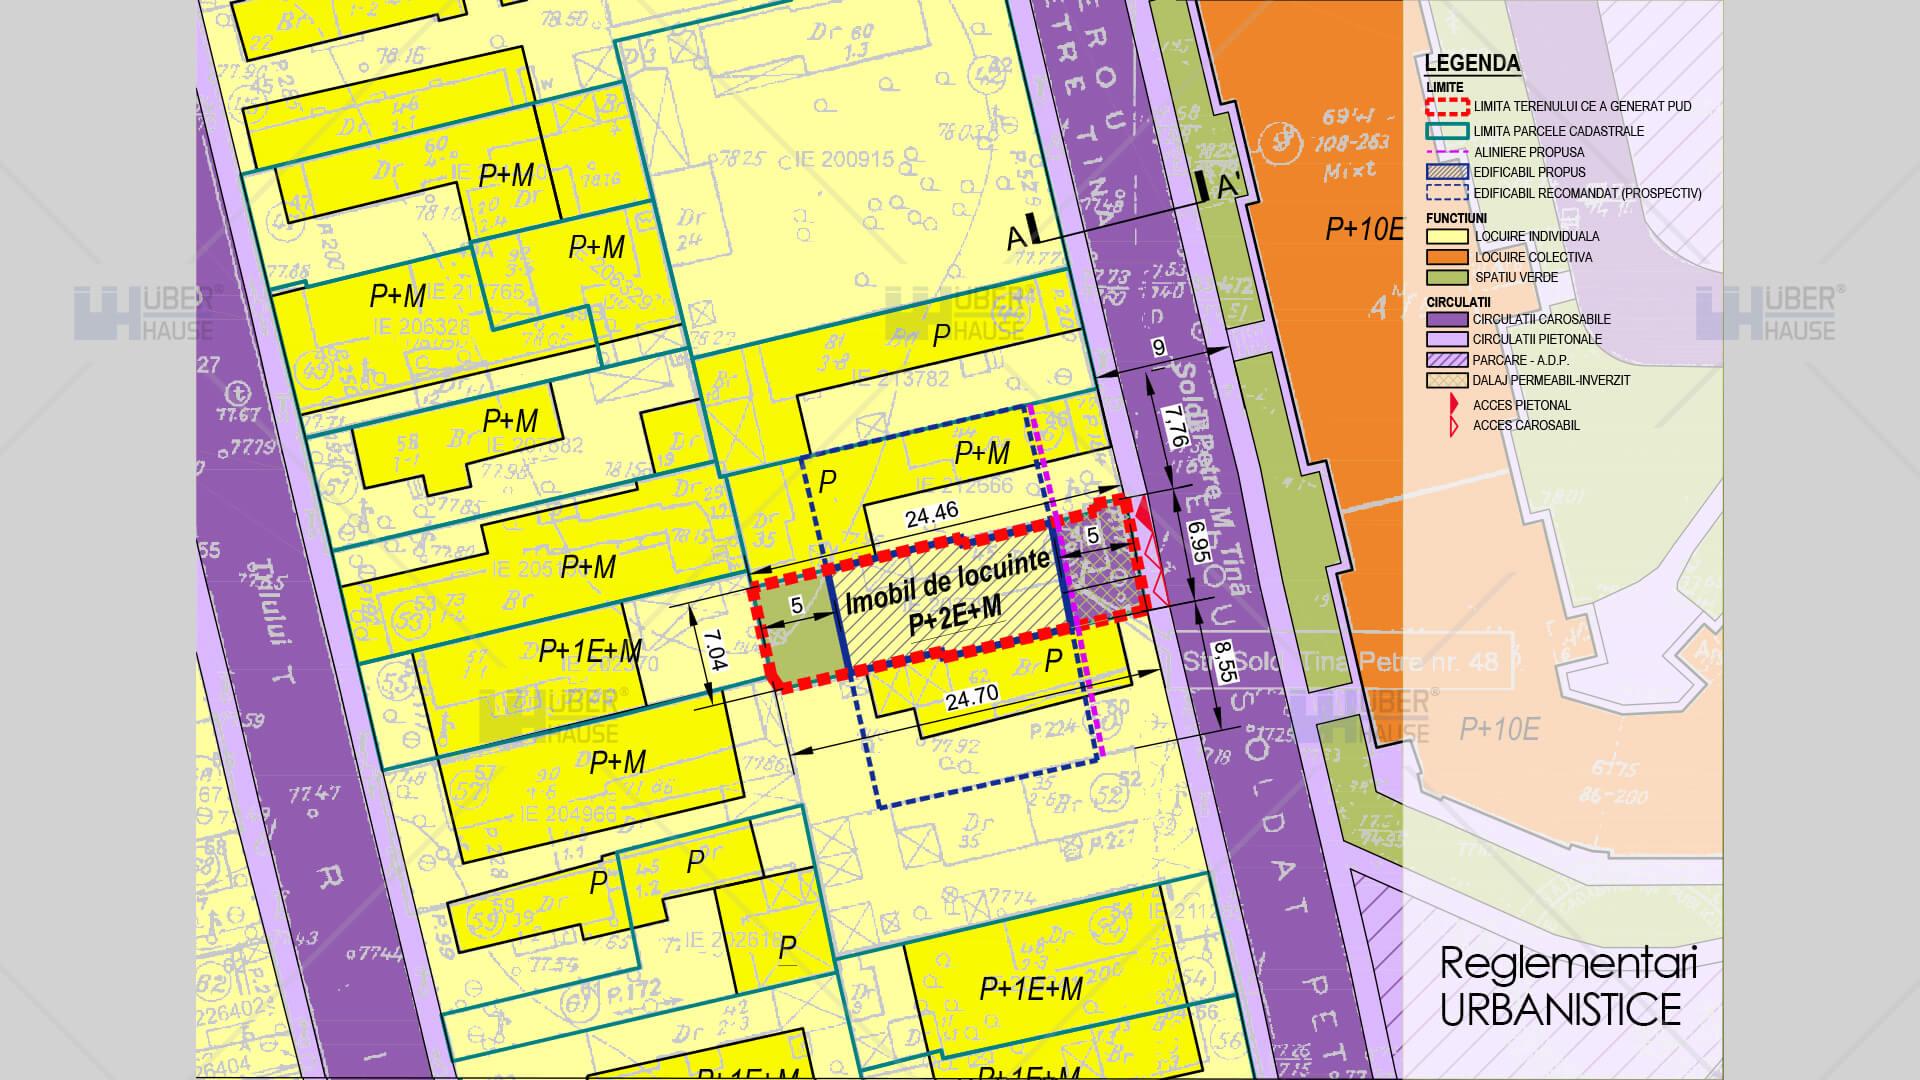 Reglementari urbanistice